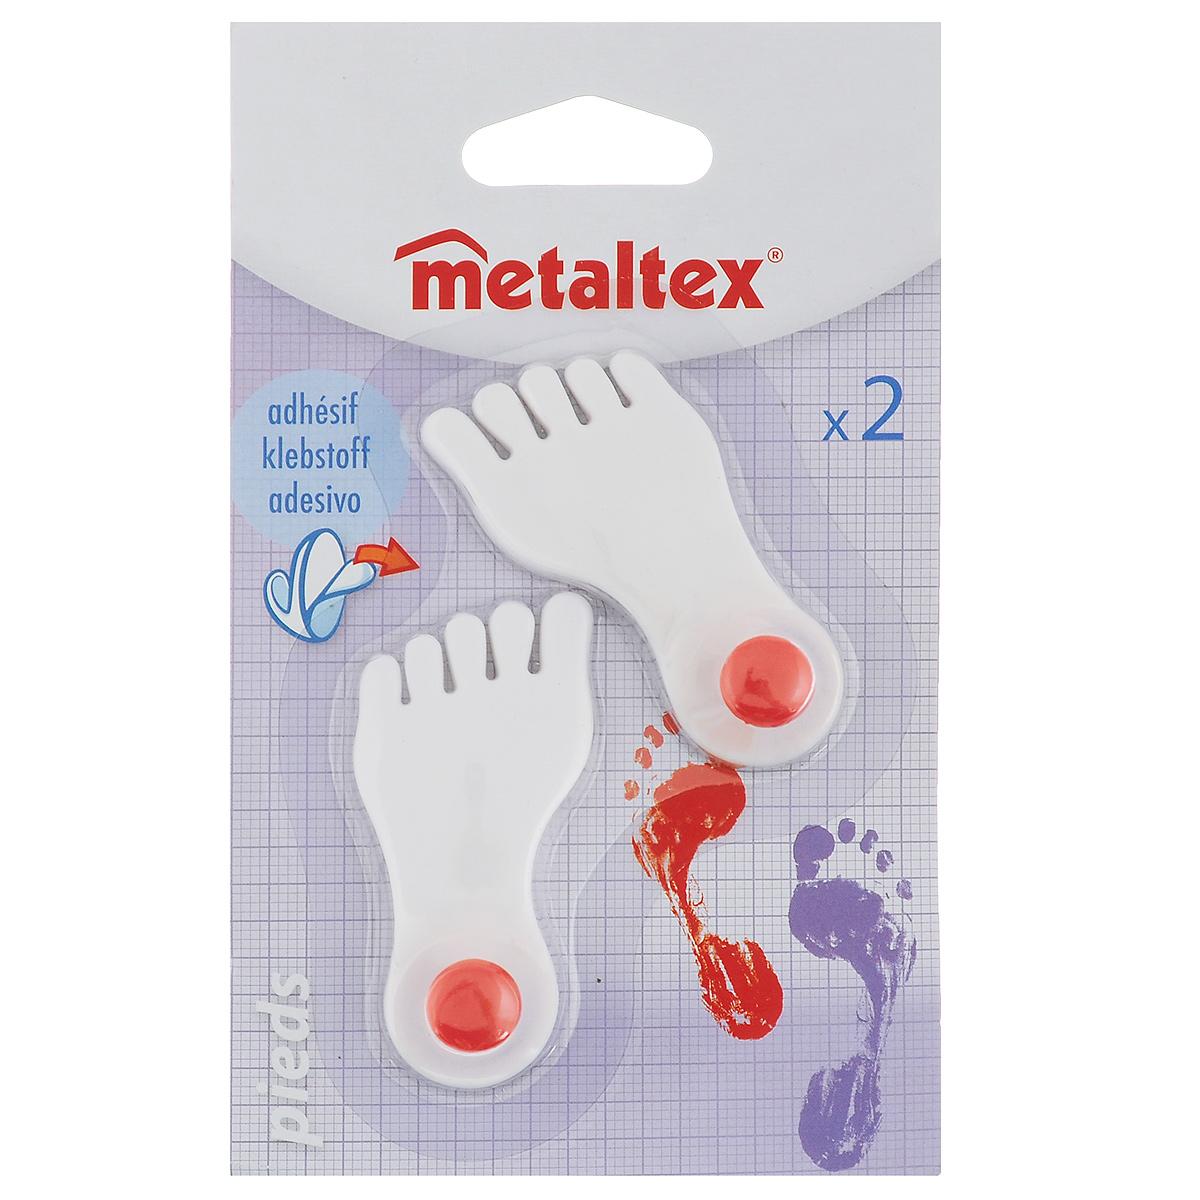 Набор крючков Metaltex Pieds, 2 шт29.40.01Набор настенных крючков Metaltex Pieds изготовлен из прочного пластика в виде левой и правой ножки. Они прекрасно подойдут для вашей ванной комнаты или кухни и не займут много места, надежно выдержав все, что вы на них повесите. Крючки могут крепится на стену с помощью липкой ленты которая находится на задней стороне крючка. Размер крючка: 3 см х 1,5 см х 6,5 см. Комплектация: 2 шт.